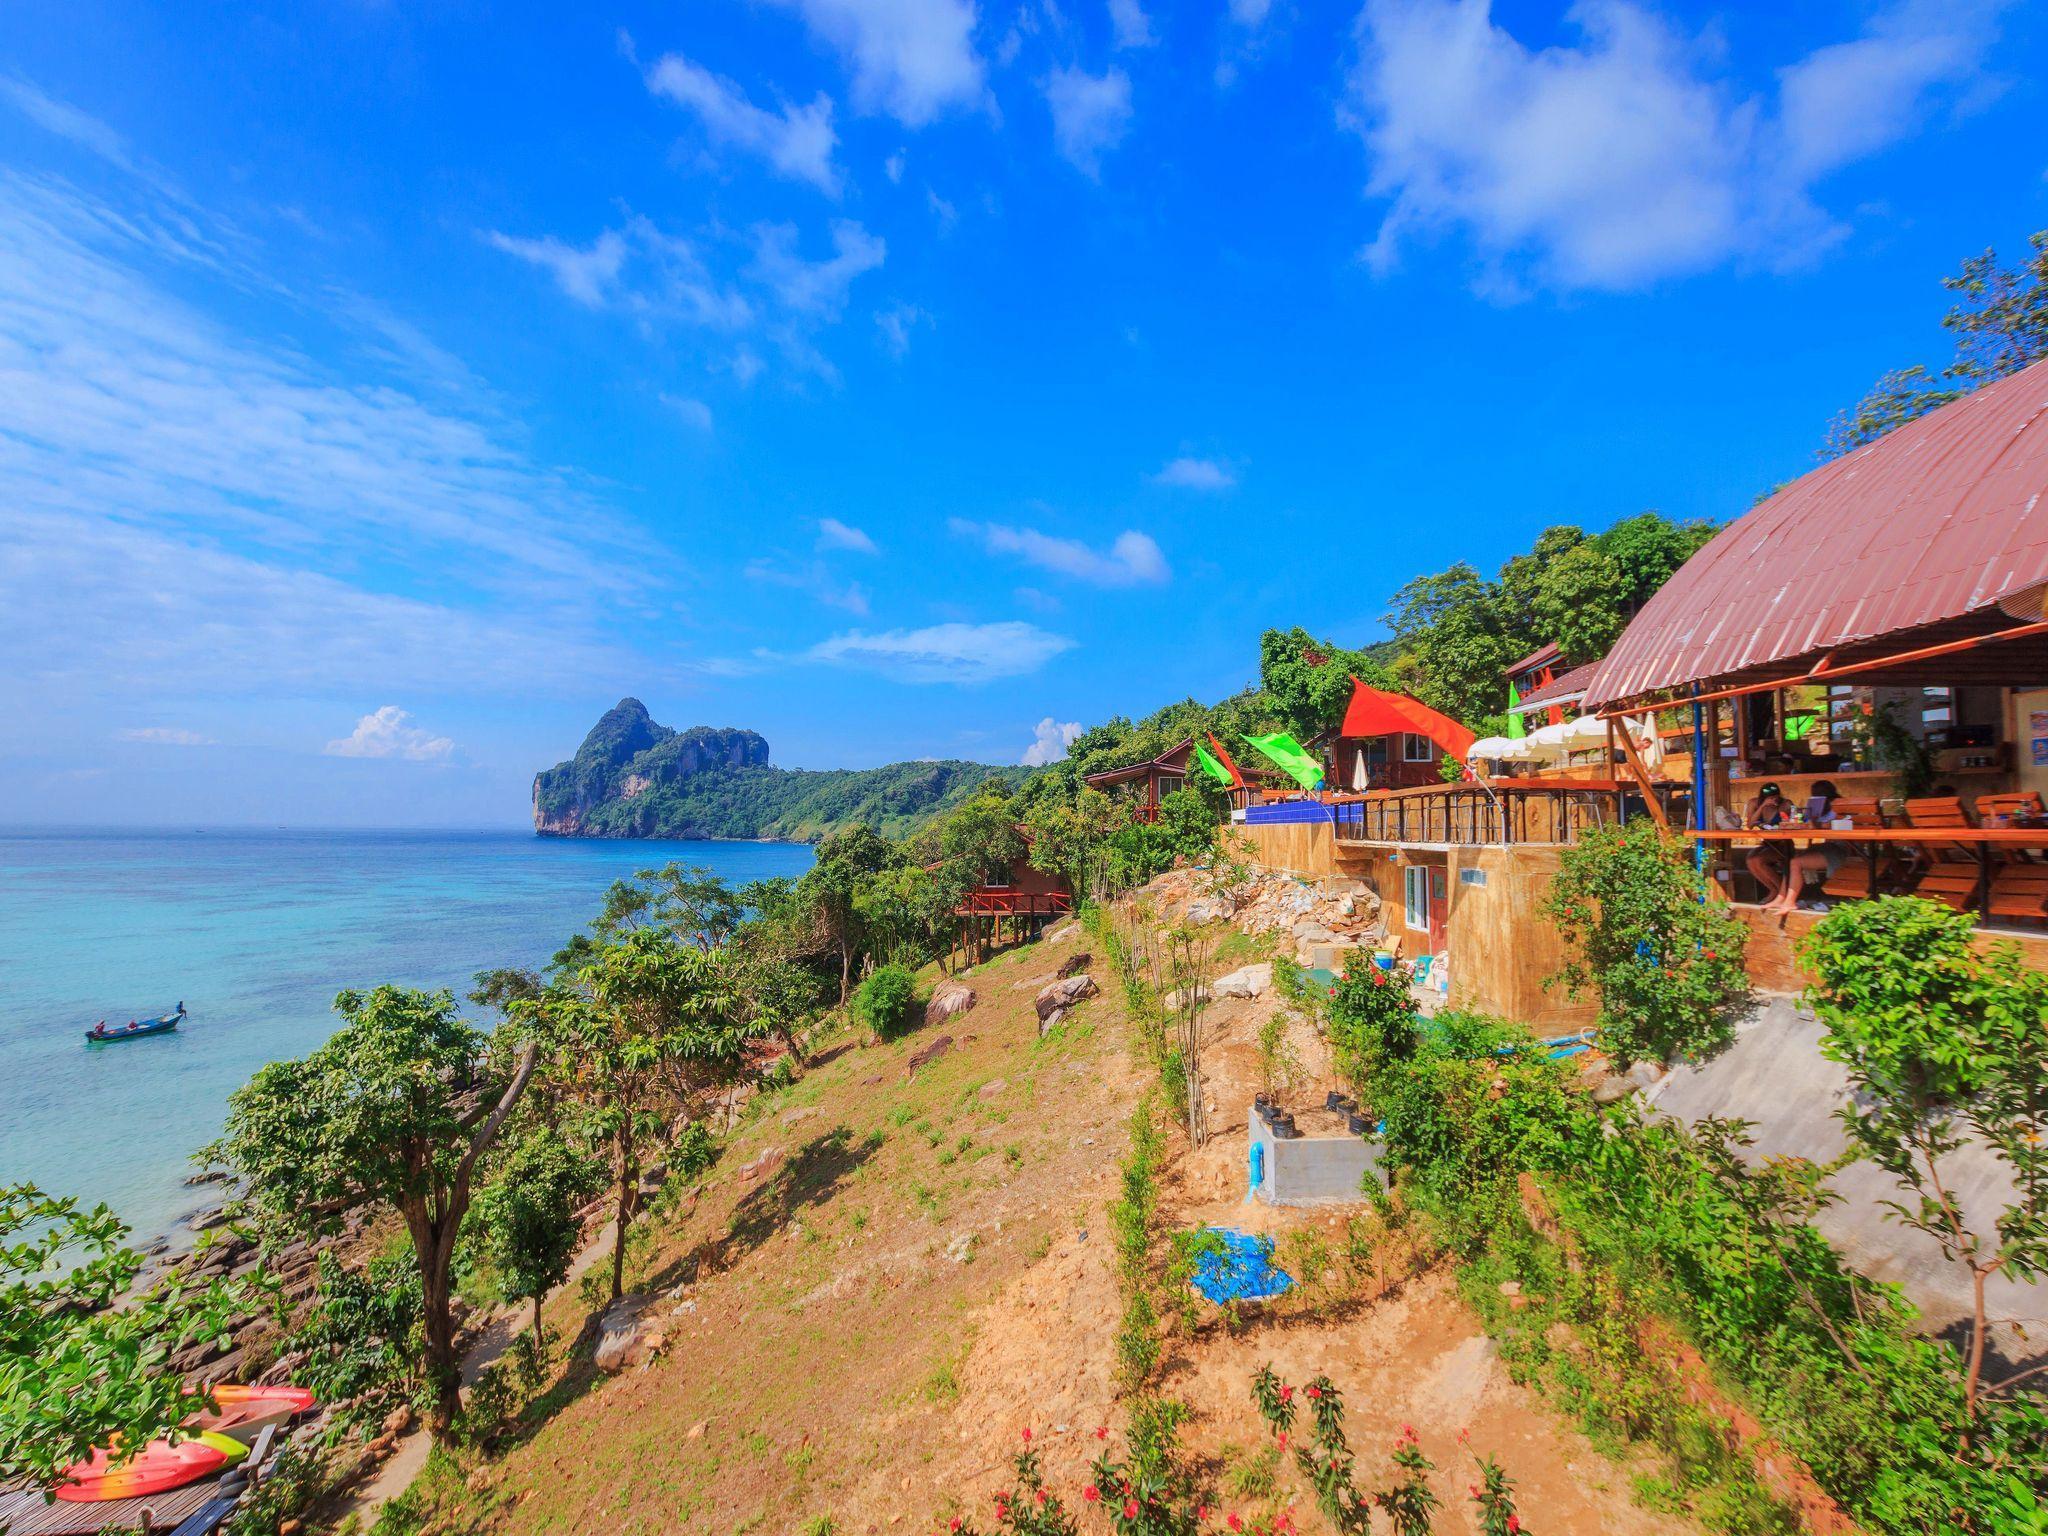 Phuphaya Seaview Resort ภูพญา ซีวิว รีสอร์ท